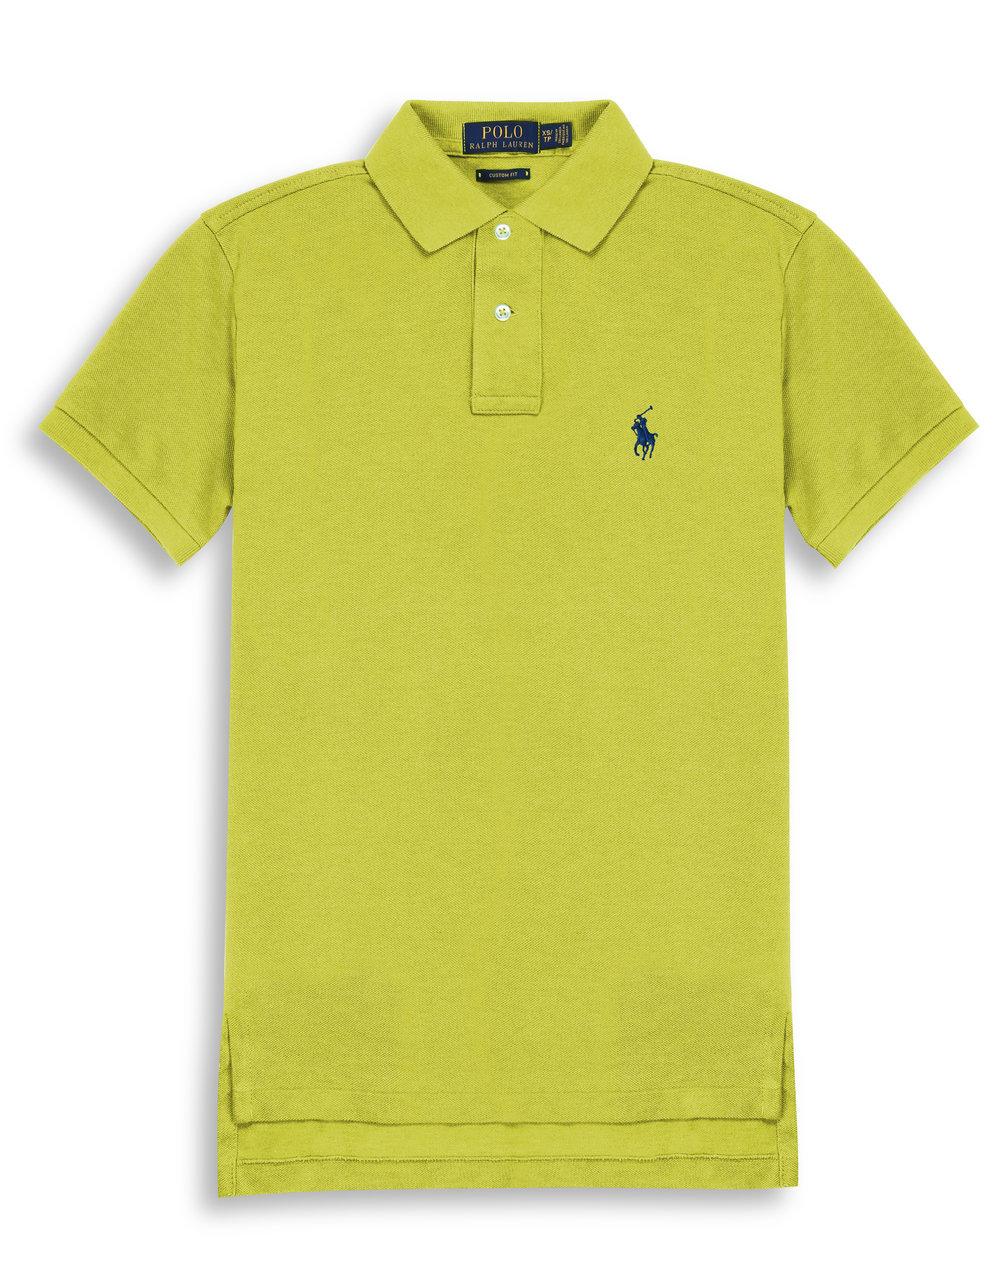 cf009c6717 ... t shirt 6 yrs. nextprev. prevnext 67fd7 90c99 netherlands polo ralph  lauren custom fit mesh polo shirt neon green 903105 31509 40e24